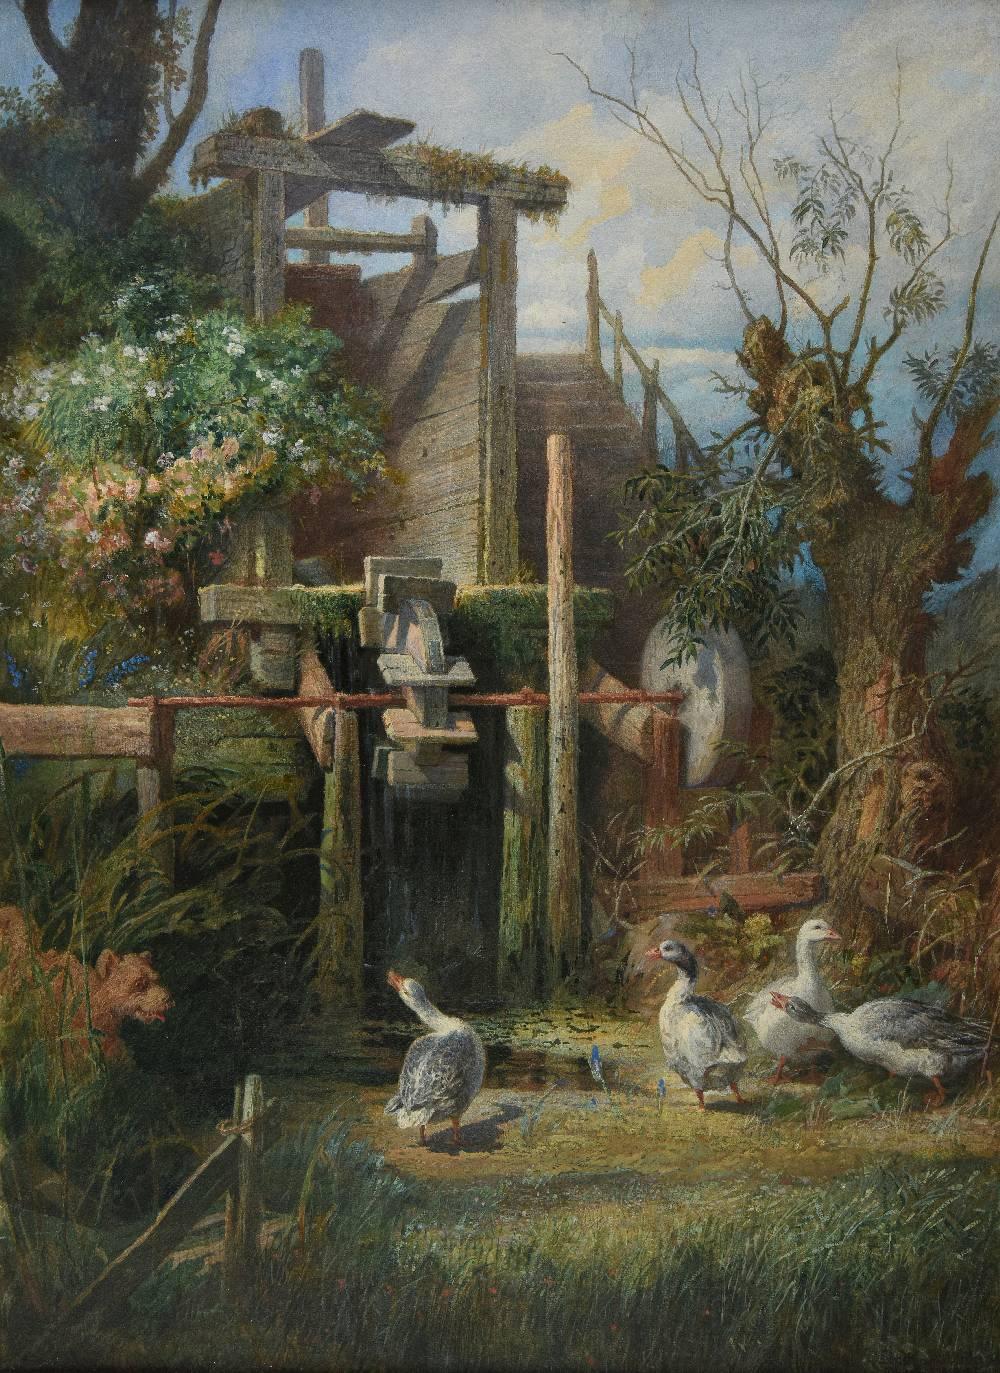 Lot 28 - *Boklund (Johan Christoffer, 1817-1880). Slipsten um Ulriksdal, Rasserad, 1876, fine large-scale